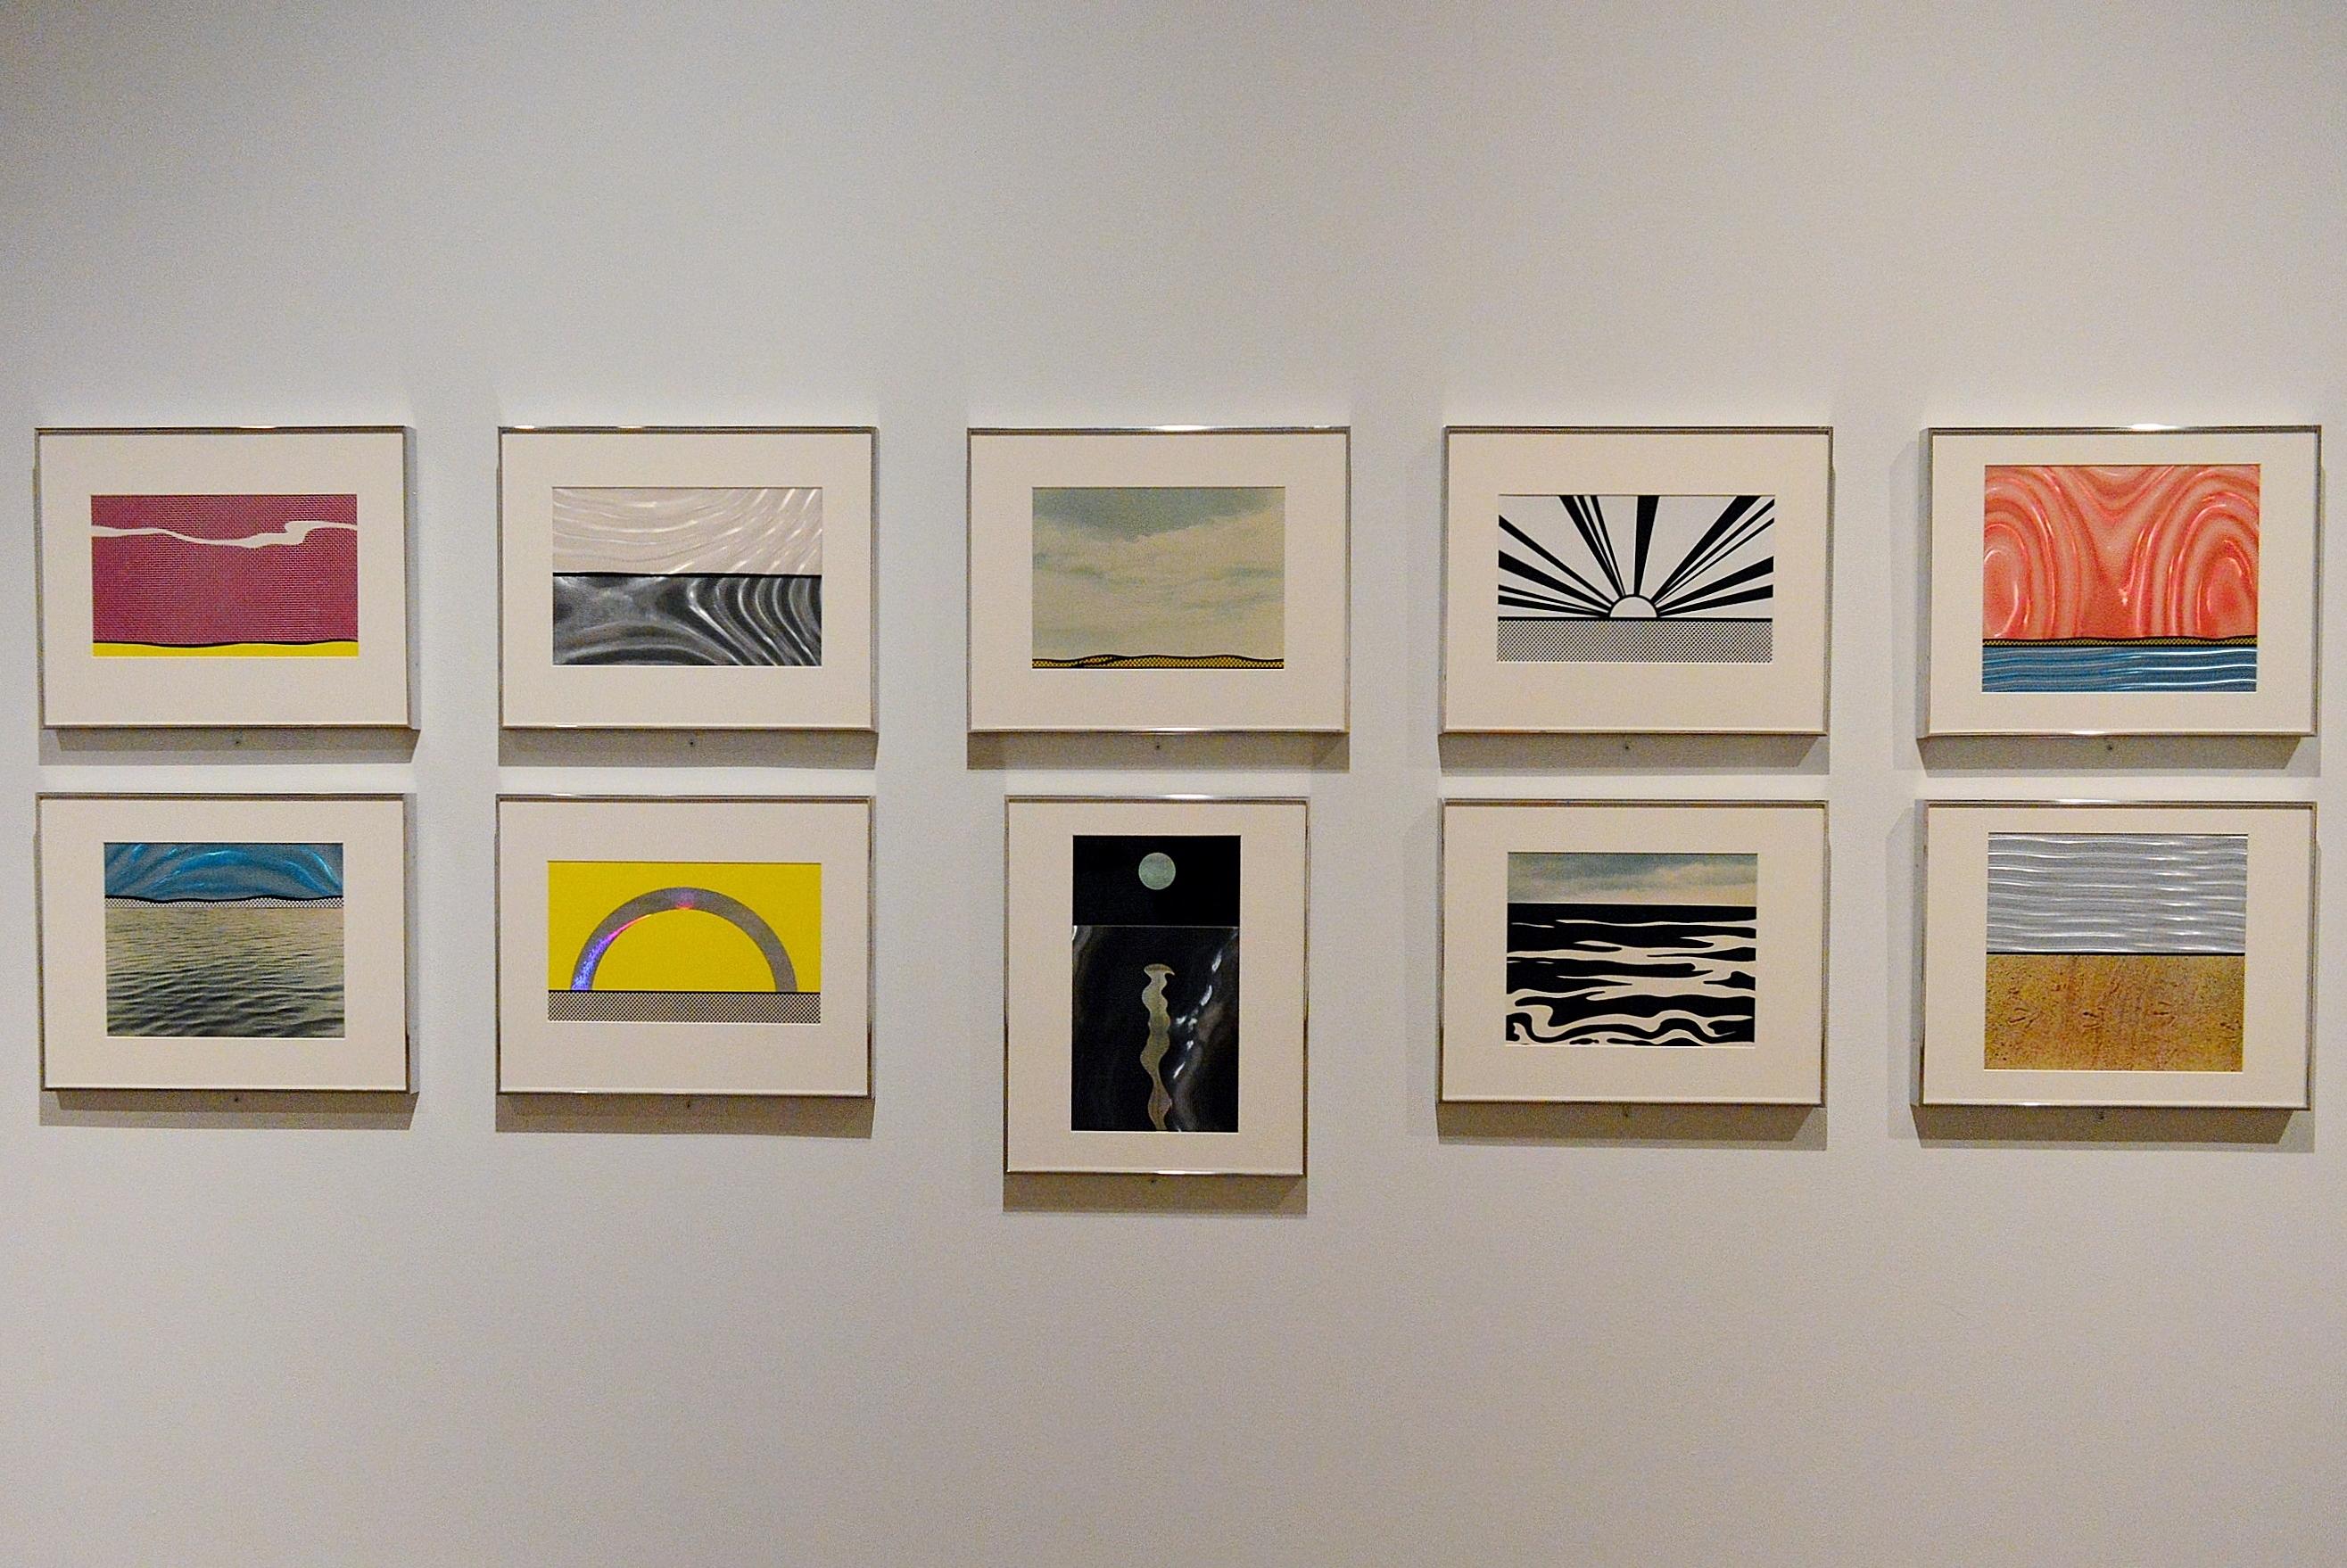 Rarely seen screenprints from Roy Lichtenstein's portfolio Ten Landscapes.